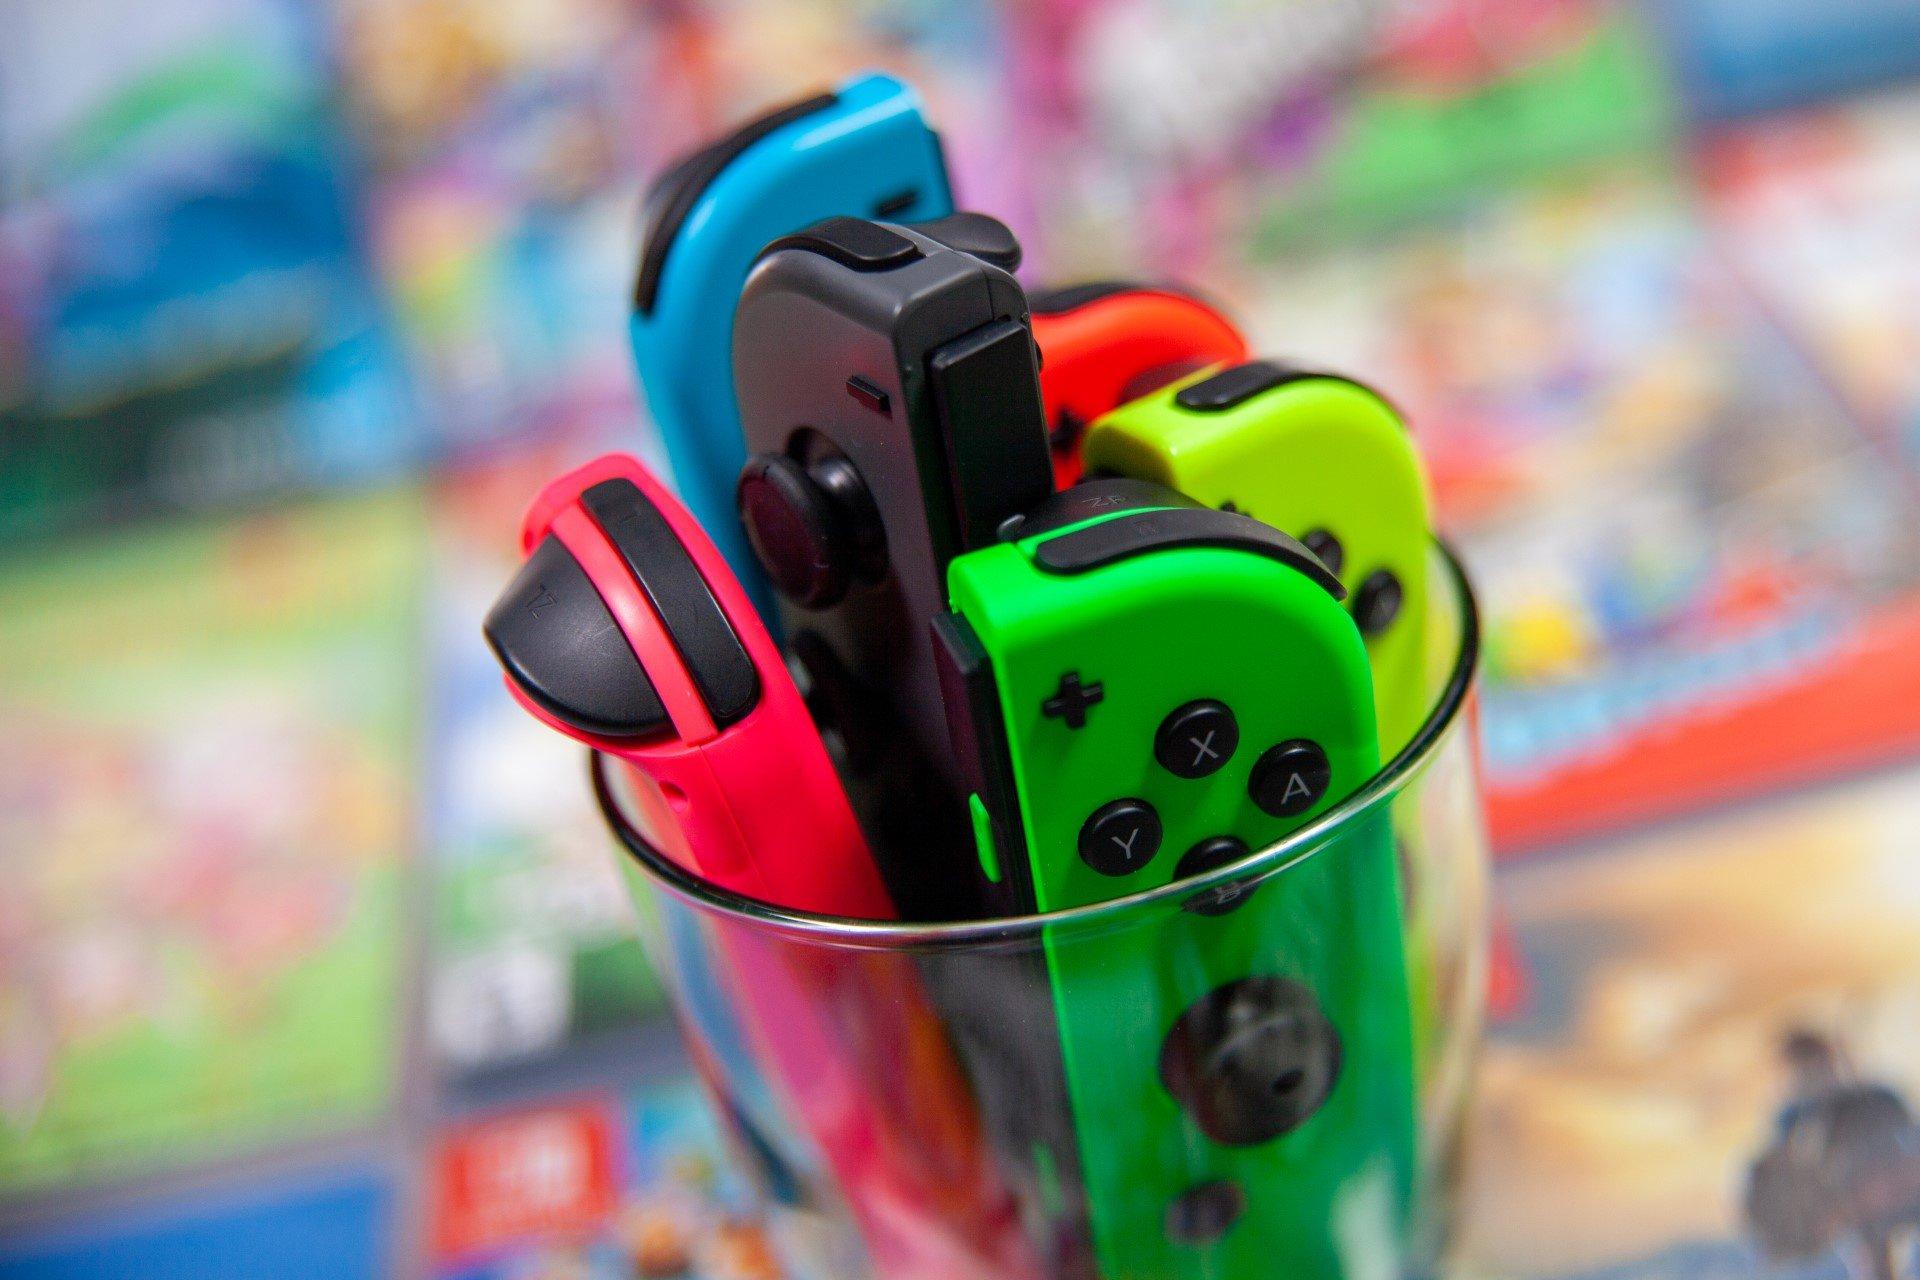 Every Nintendo Switch Joy-Con Controller - Guide - Nintendo Life